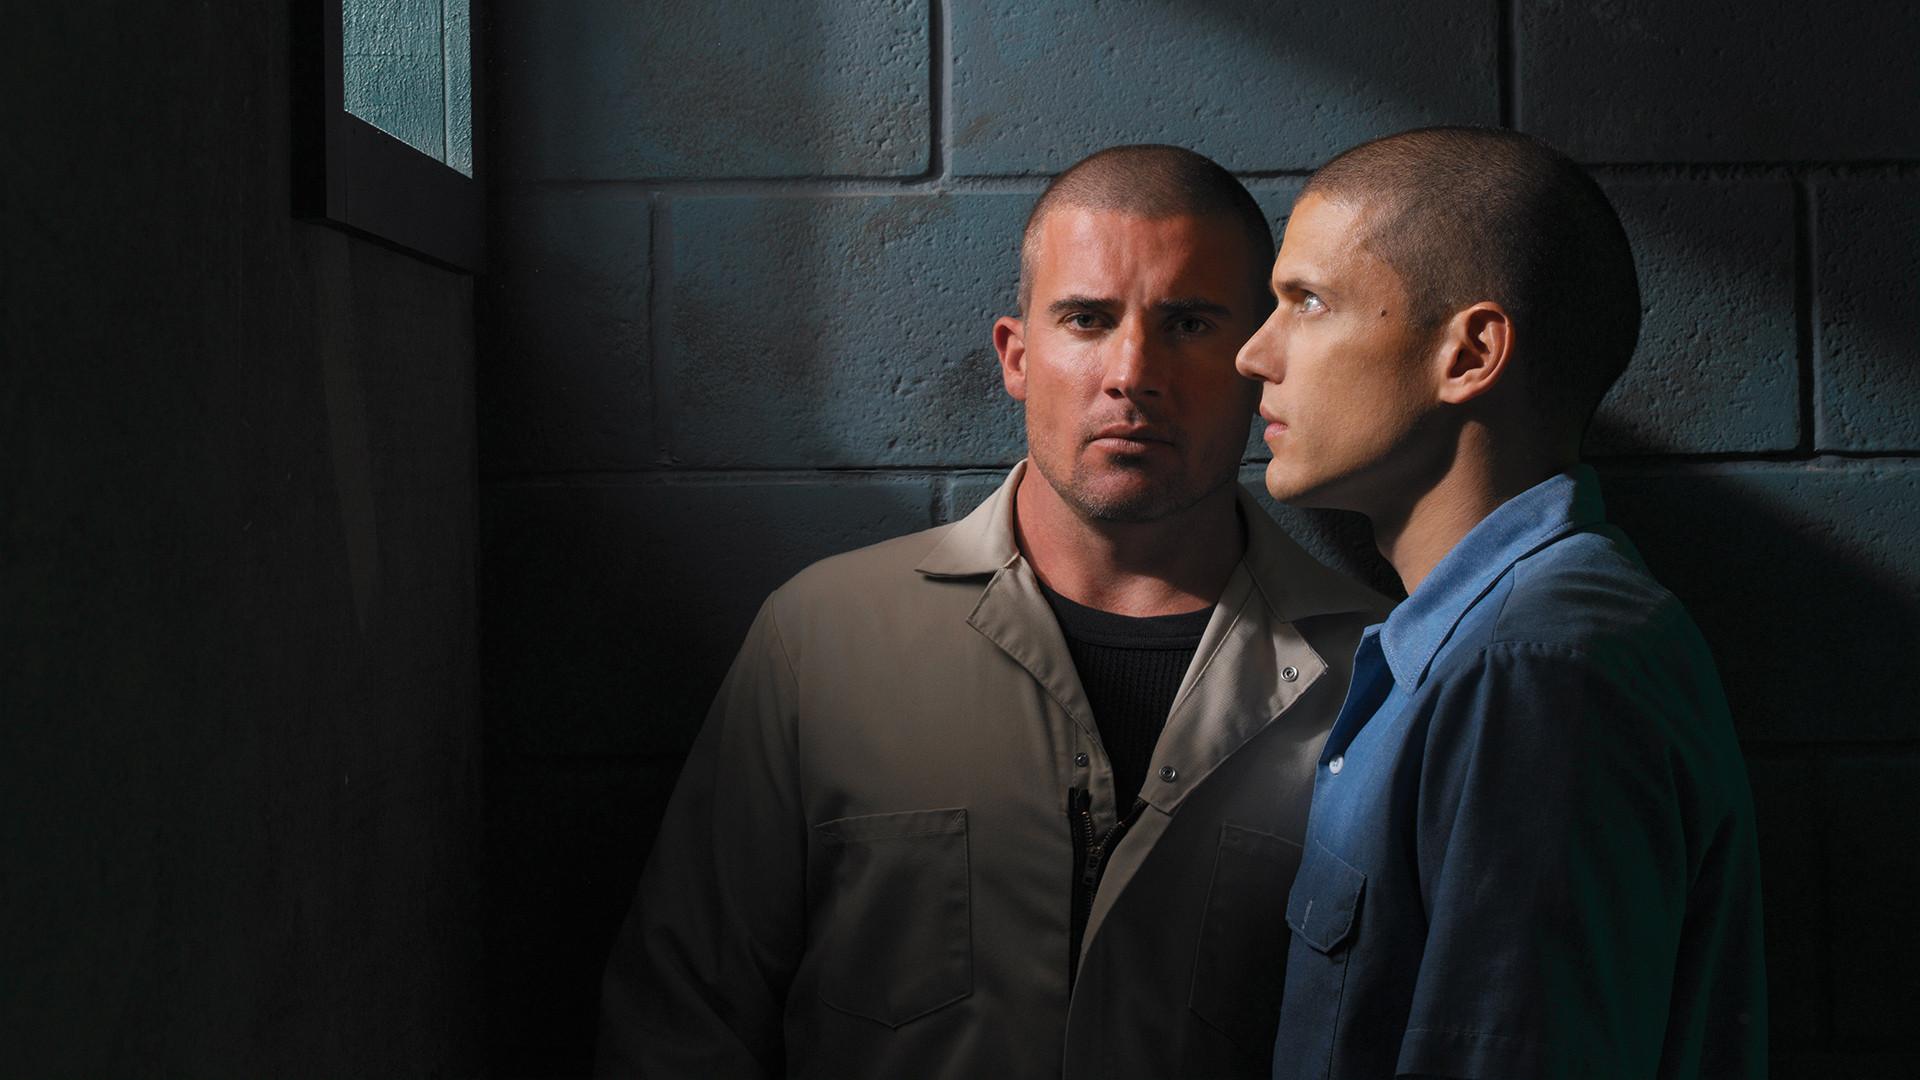 prison break hd wallpaper | background image | 1920x1080 | id:690285